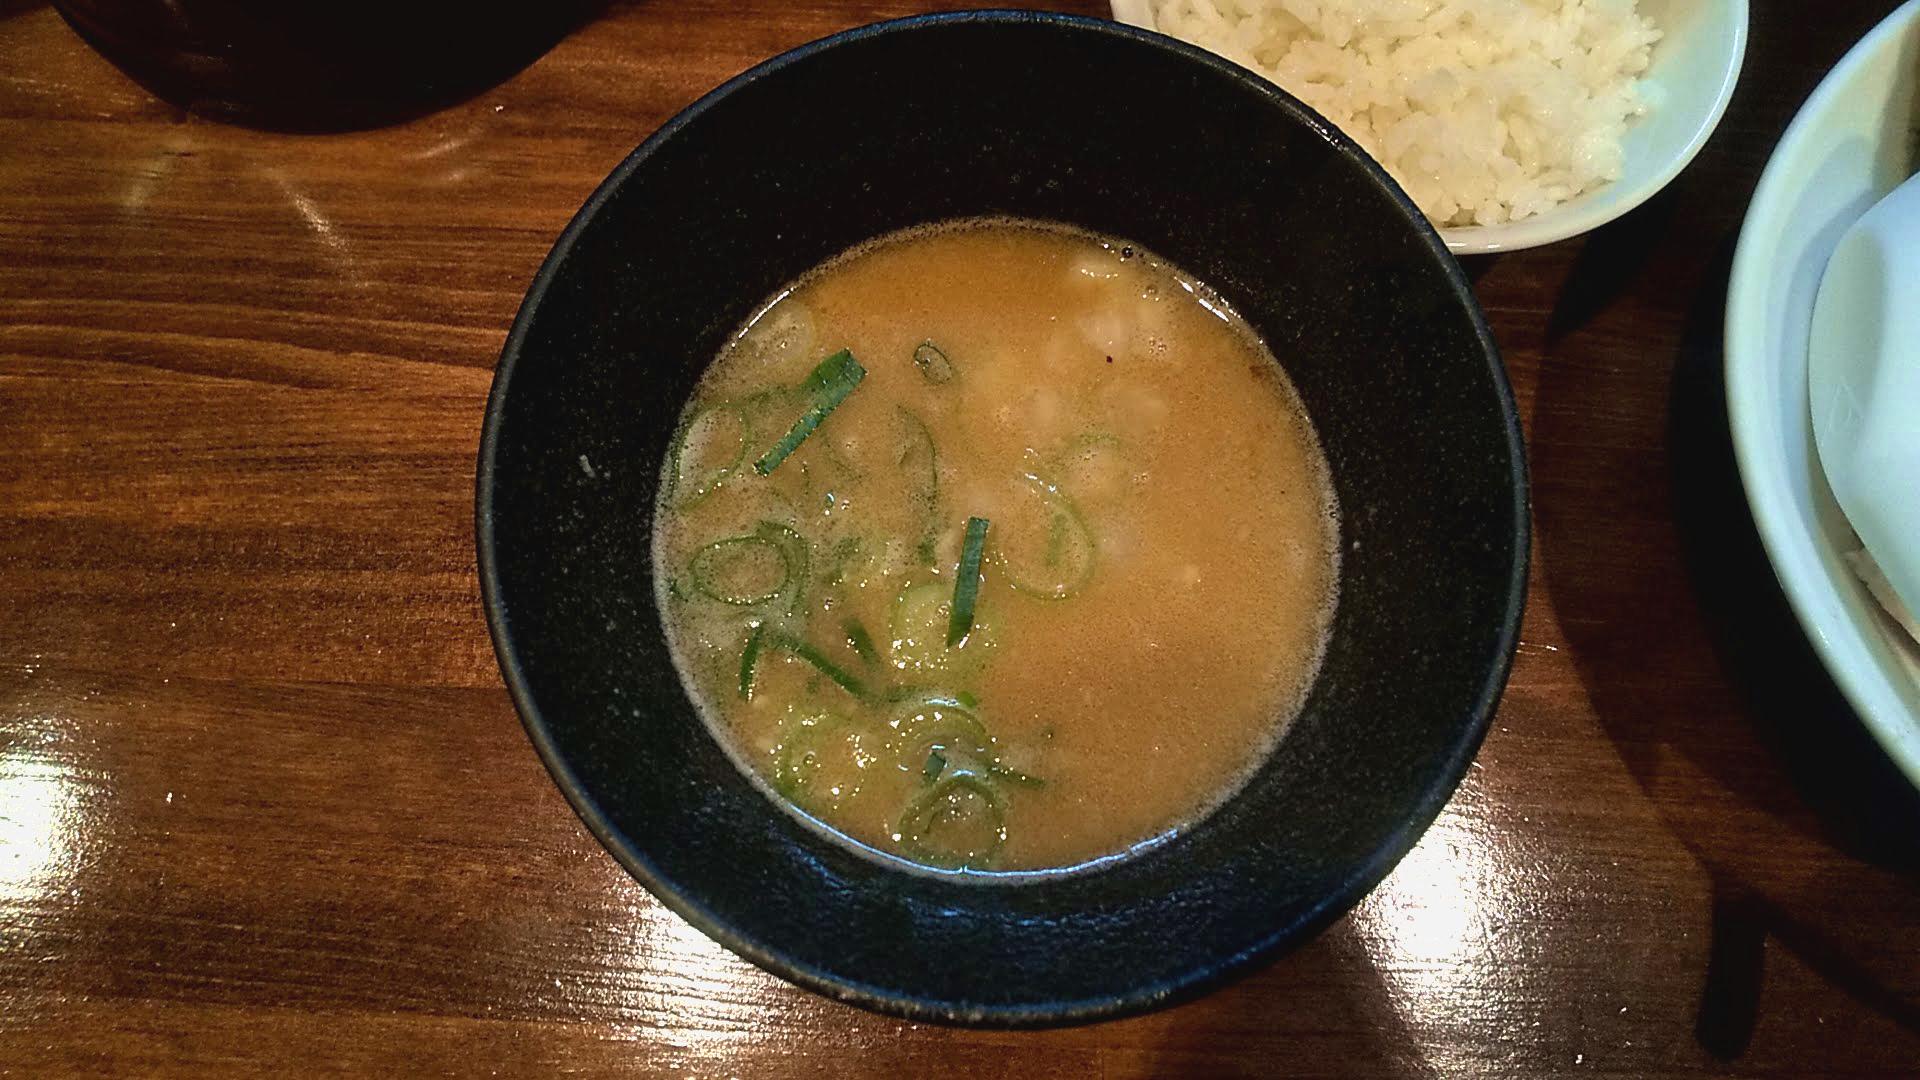 ばらいちの特製つけ麺のつけ汁の写真